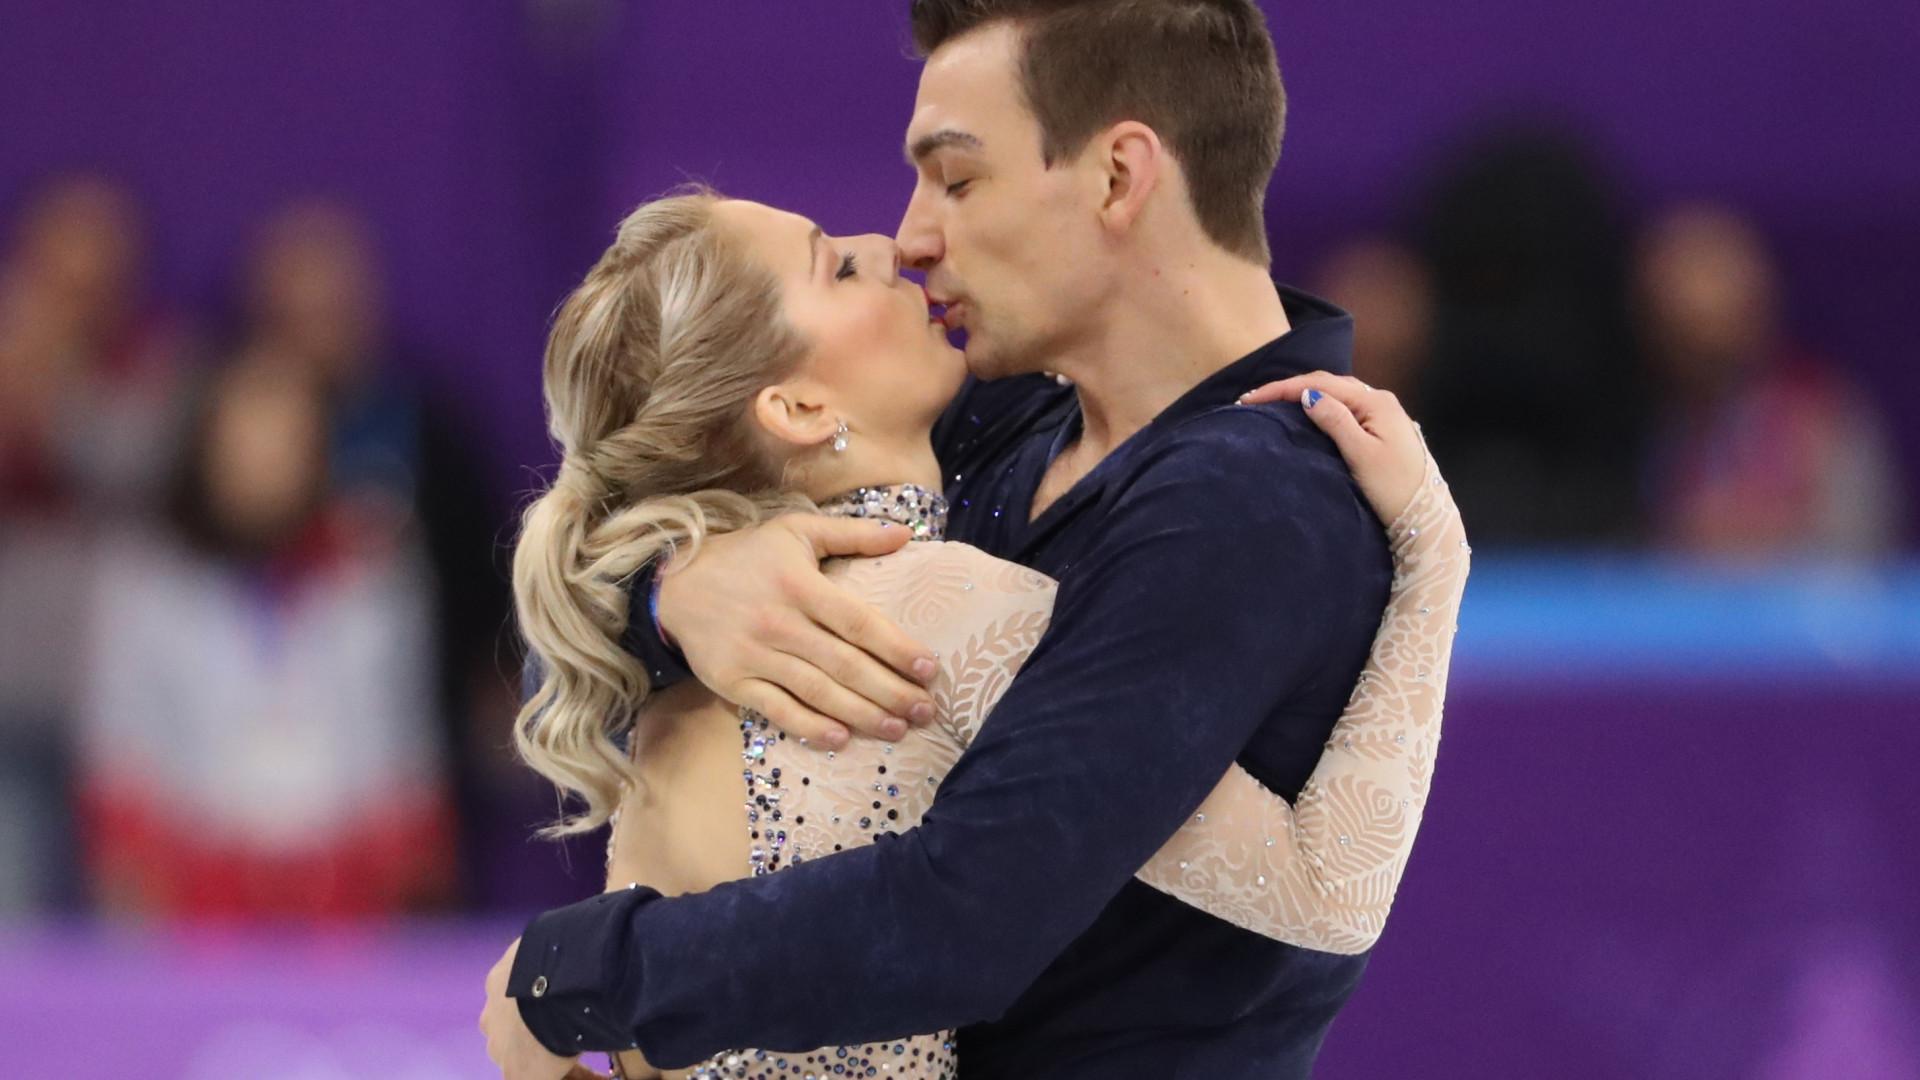 Vinte anos depois, EUA voltam a enviar um casal aos Jogos Olímpicos